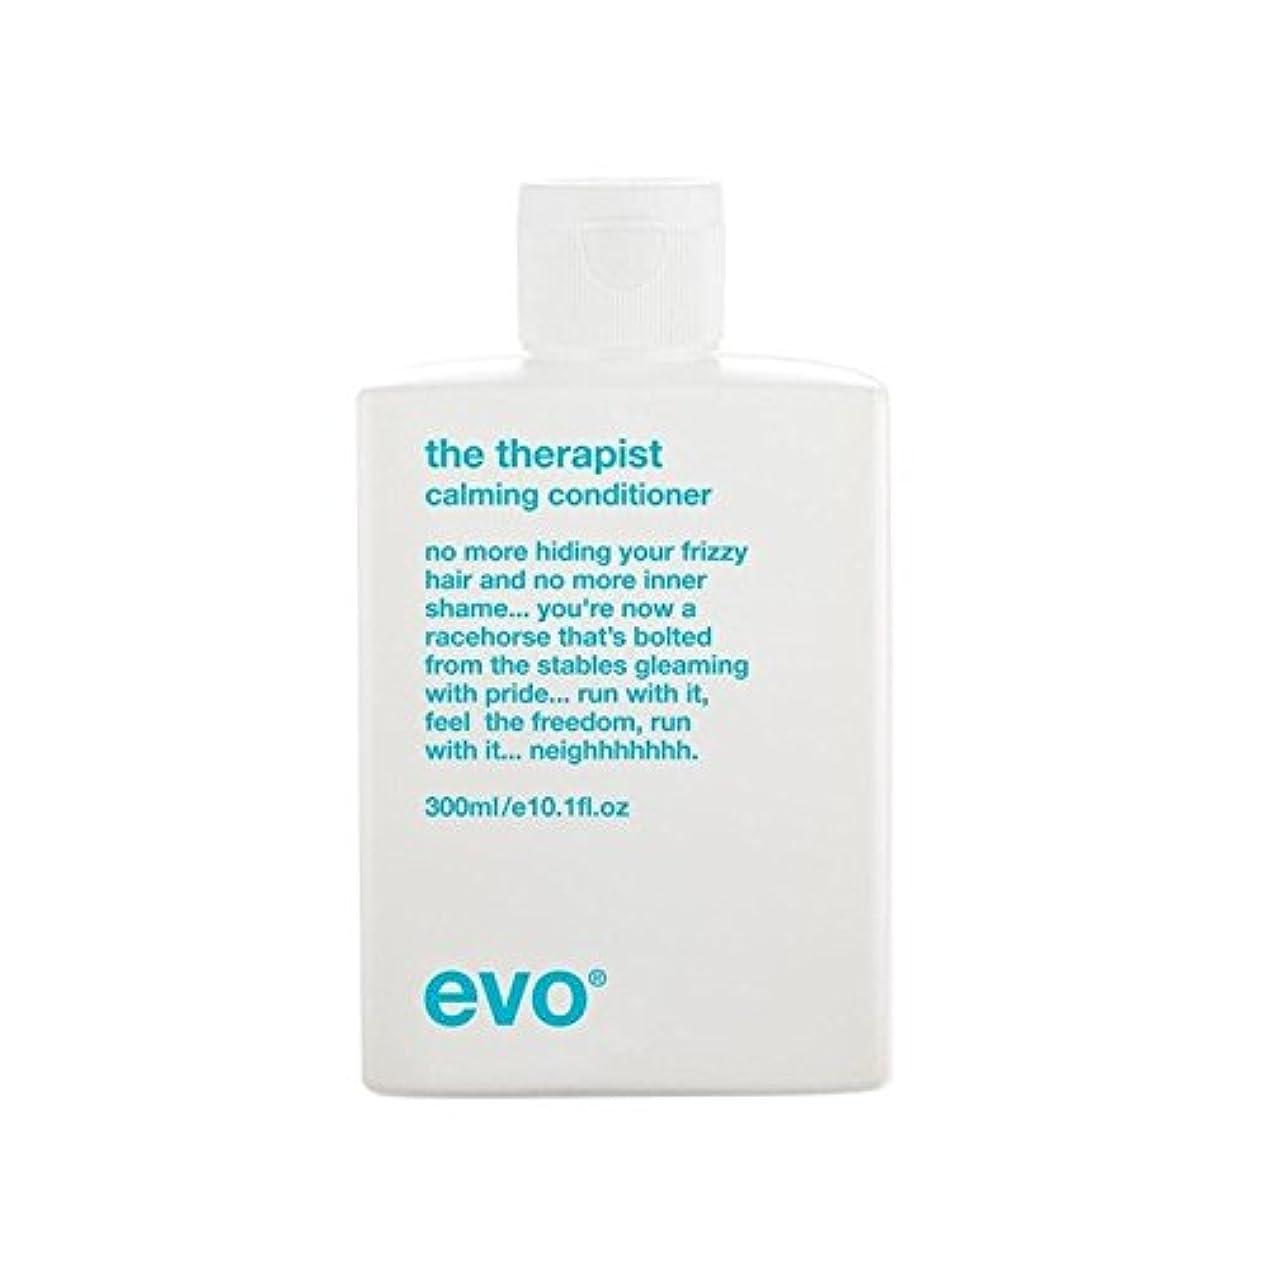 マット拡大する養うセラピスト沈静コンディショナー(300ミリリットル) x4 - Evo The Therapist Calming Conditioner (300ml) (Pack of 4) [並行輸入品]